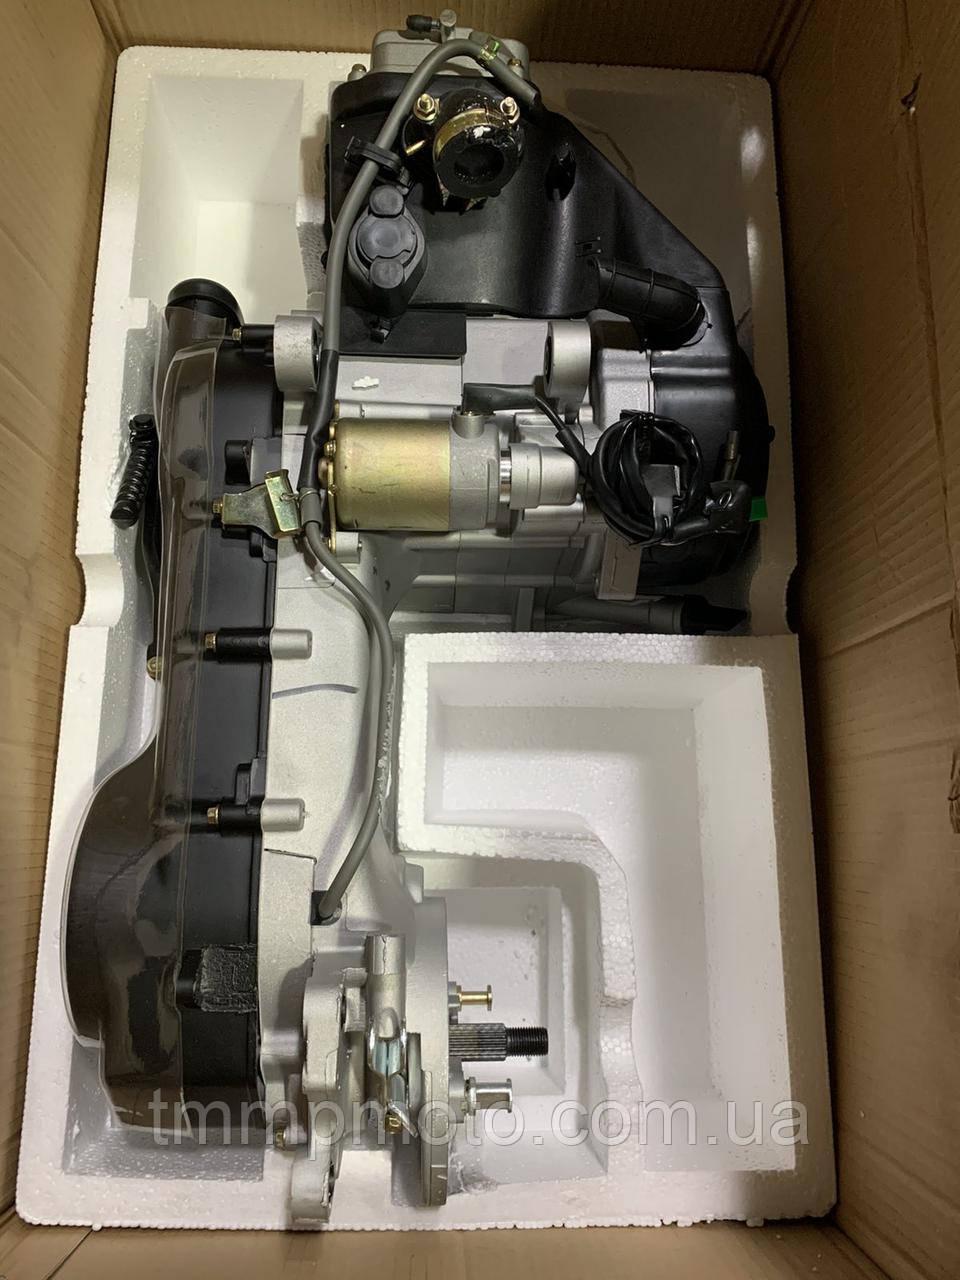 """Двигатель 150куб для скутера  157QMJ (13"""" колесо) под один амортизатор"""